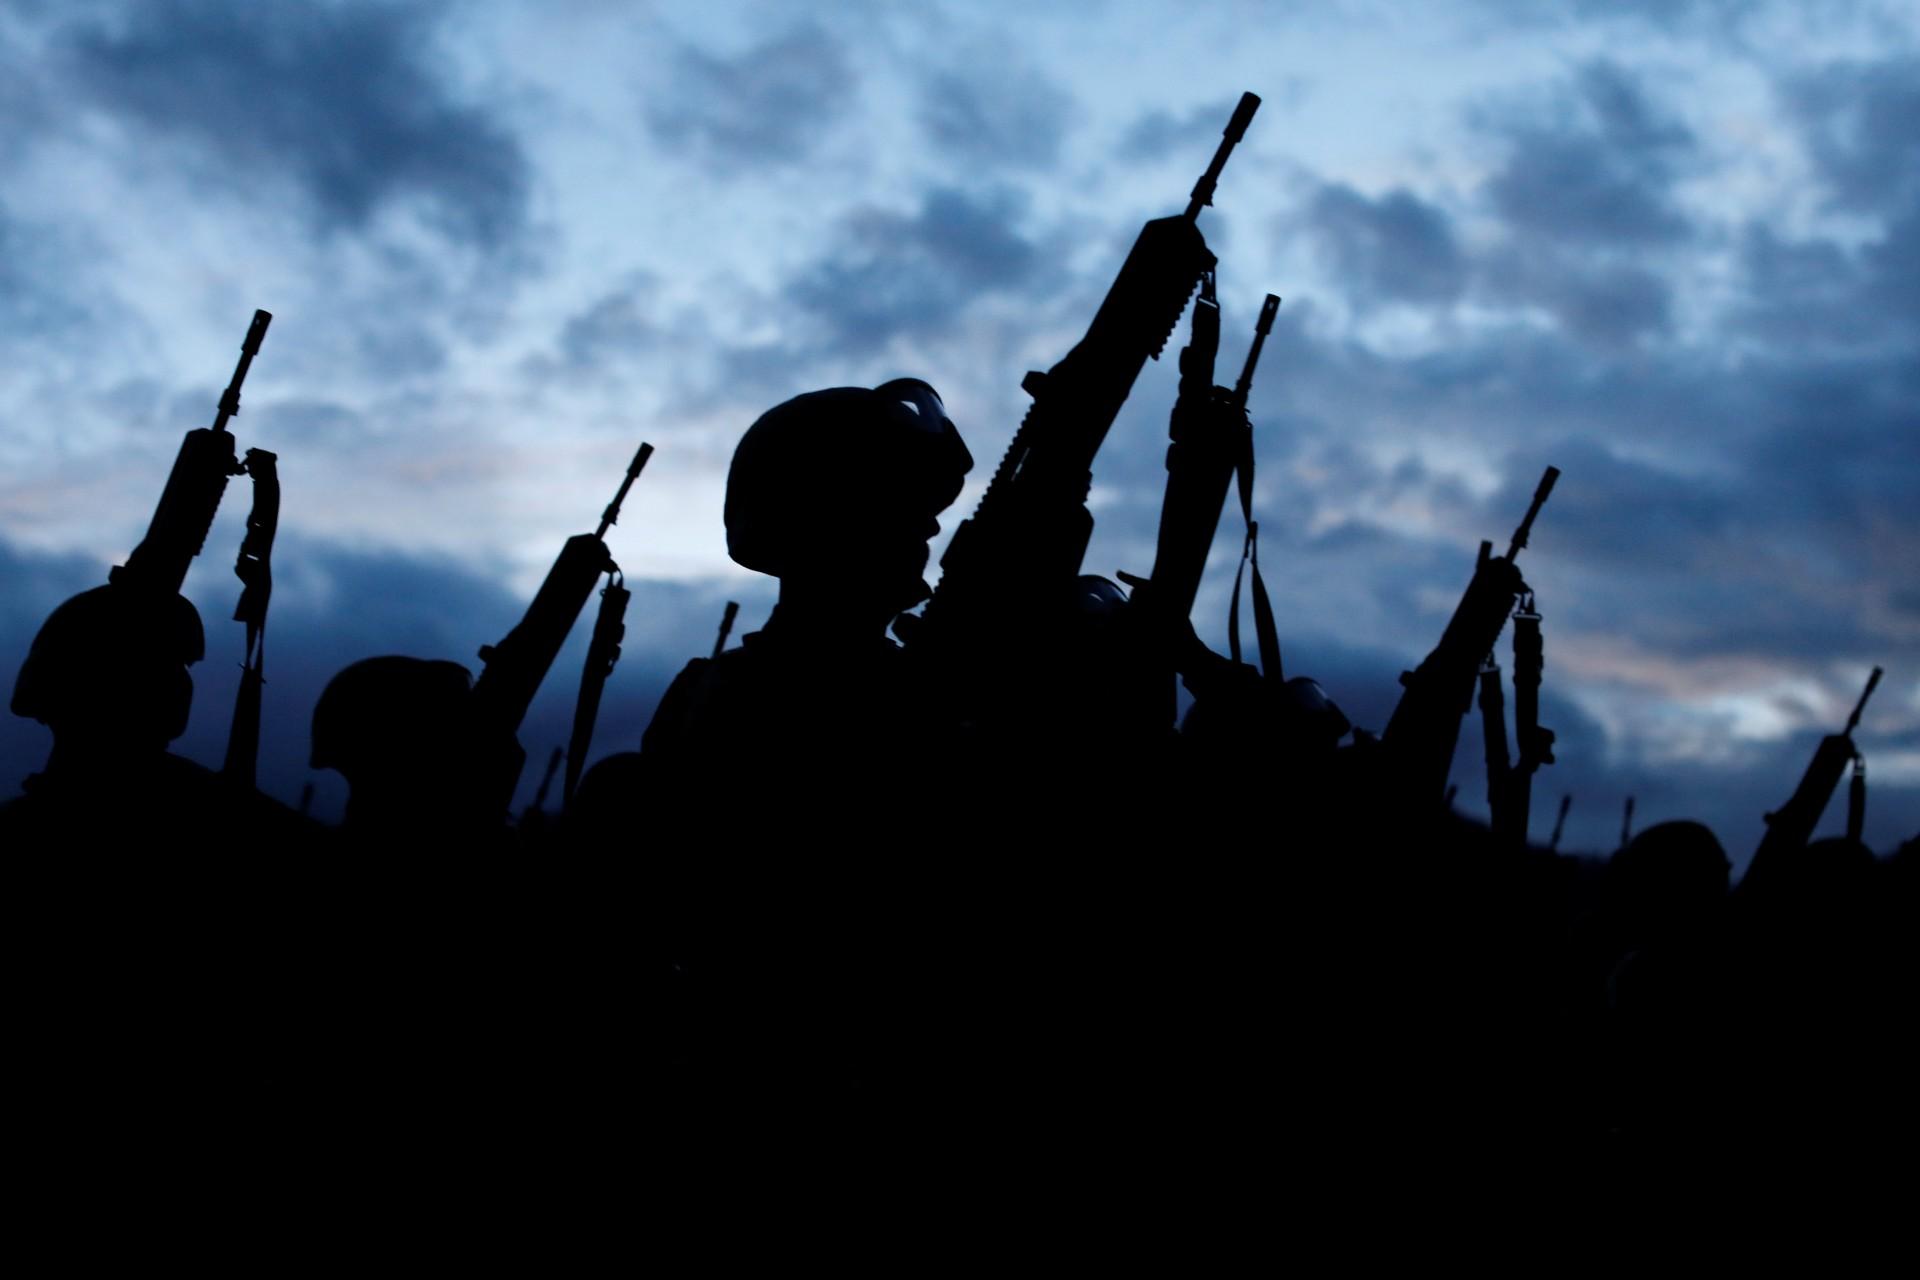 Los soldados descargan sus armas en el campamento cerca del área donde encontraron una plantación ilegal de opio cerca de Pueblo Viejo en la Sierra Madre del Sur, en el estado sureño de Guerrero, México, el 25 de agosto de 2018.